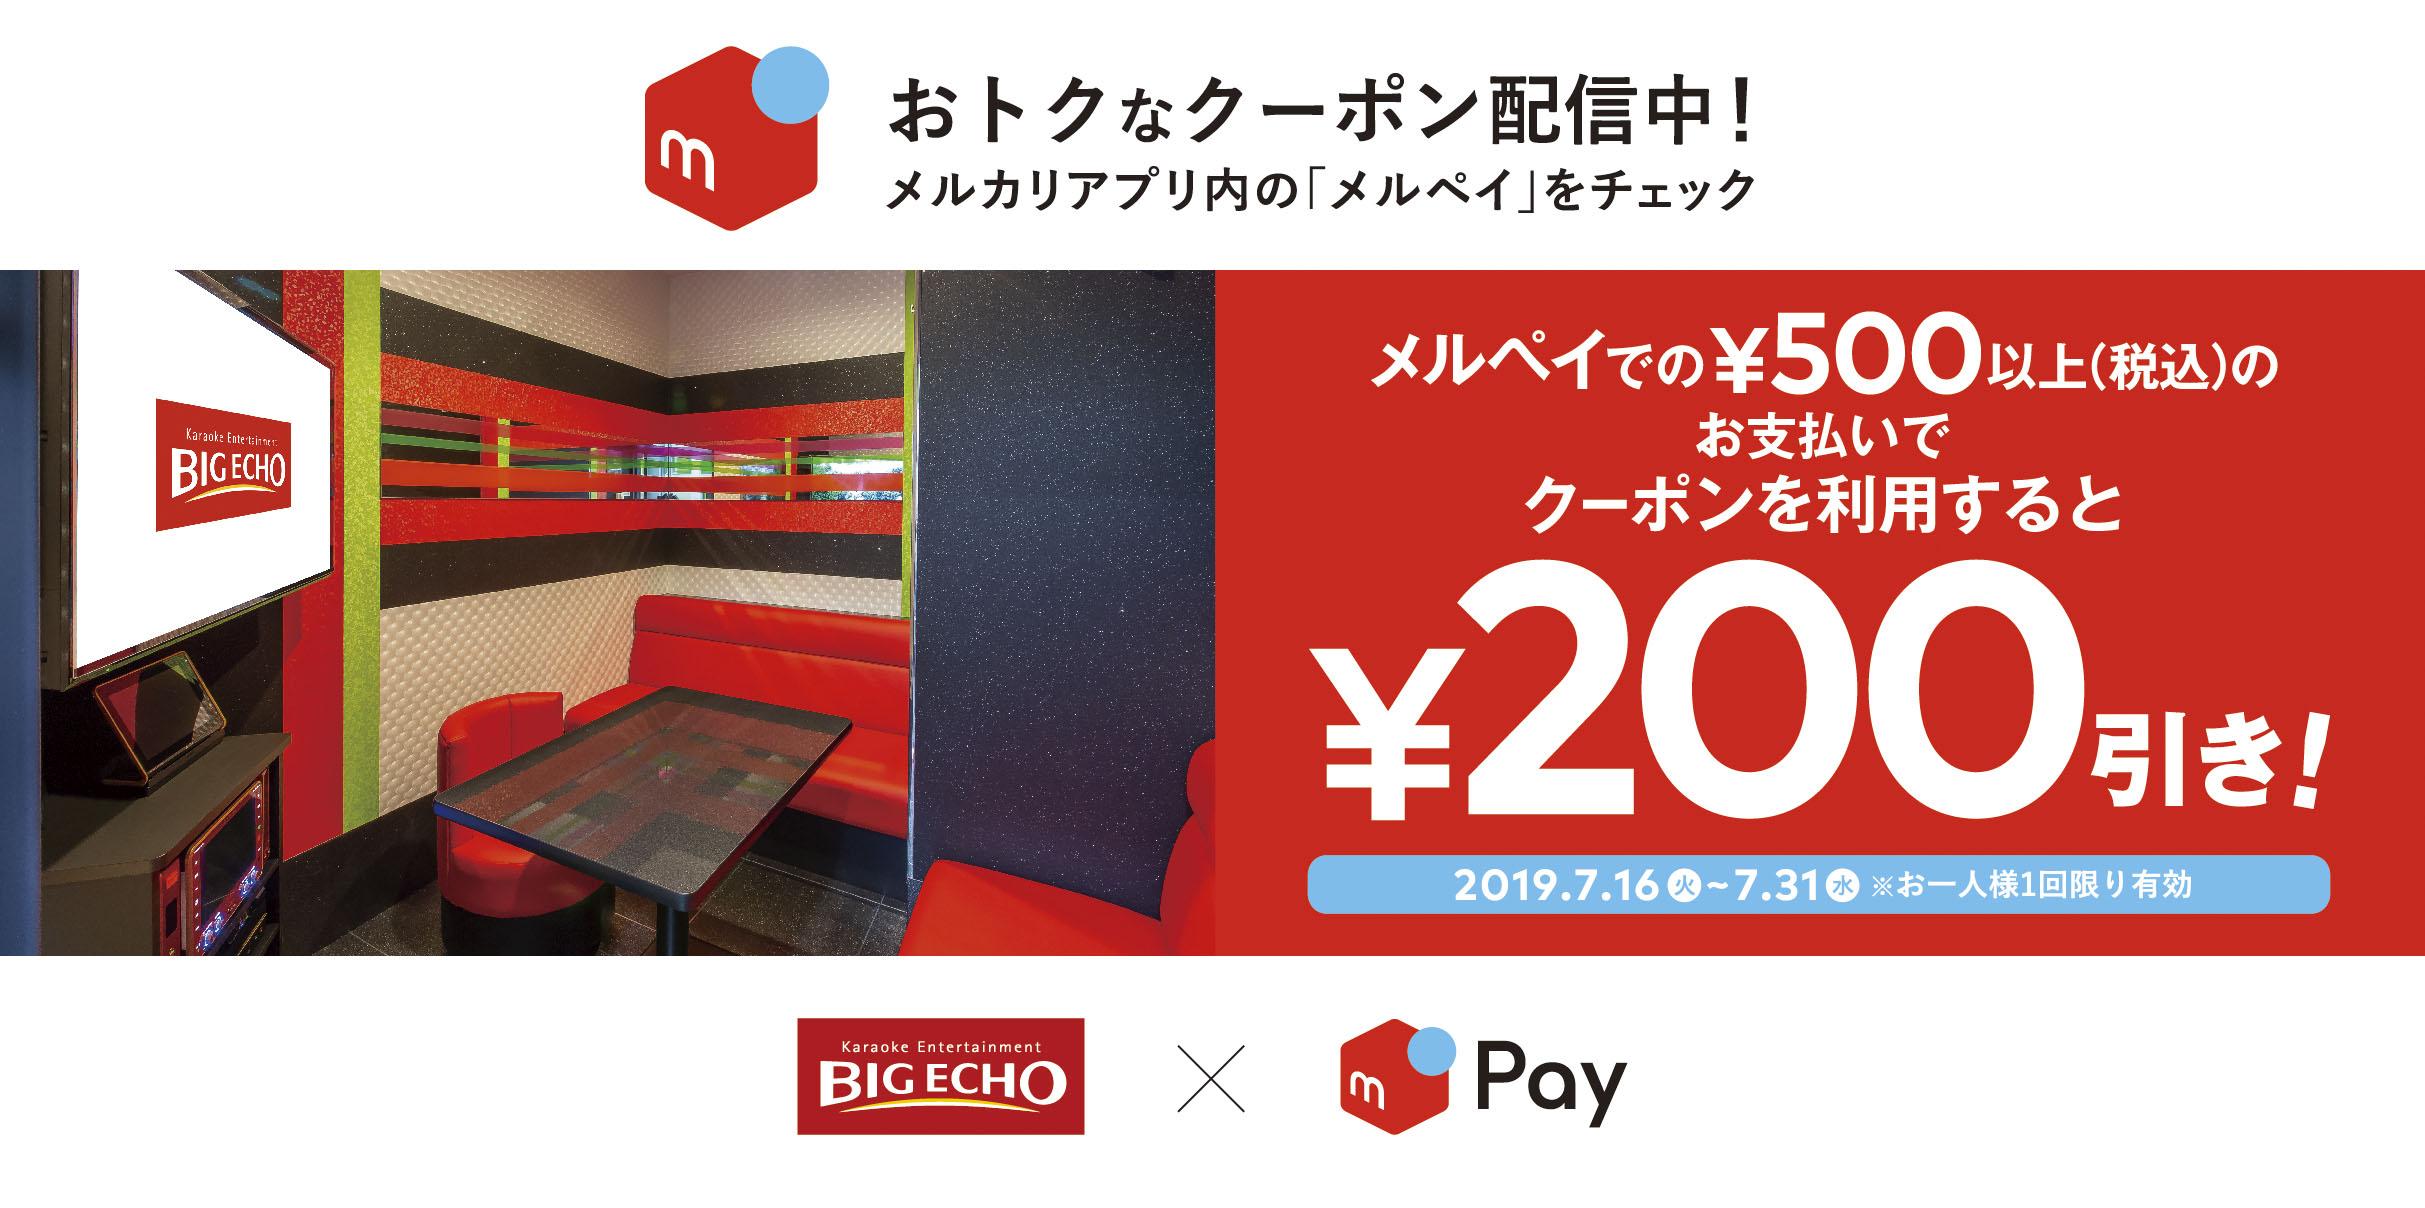 おトクなクーポン配信中!クーポン利用で¥200円引き!